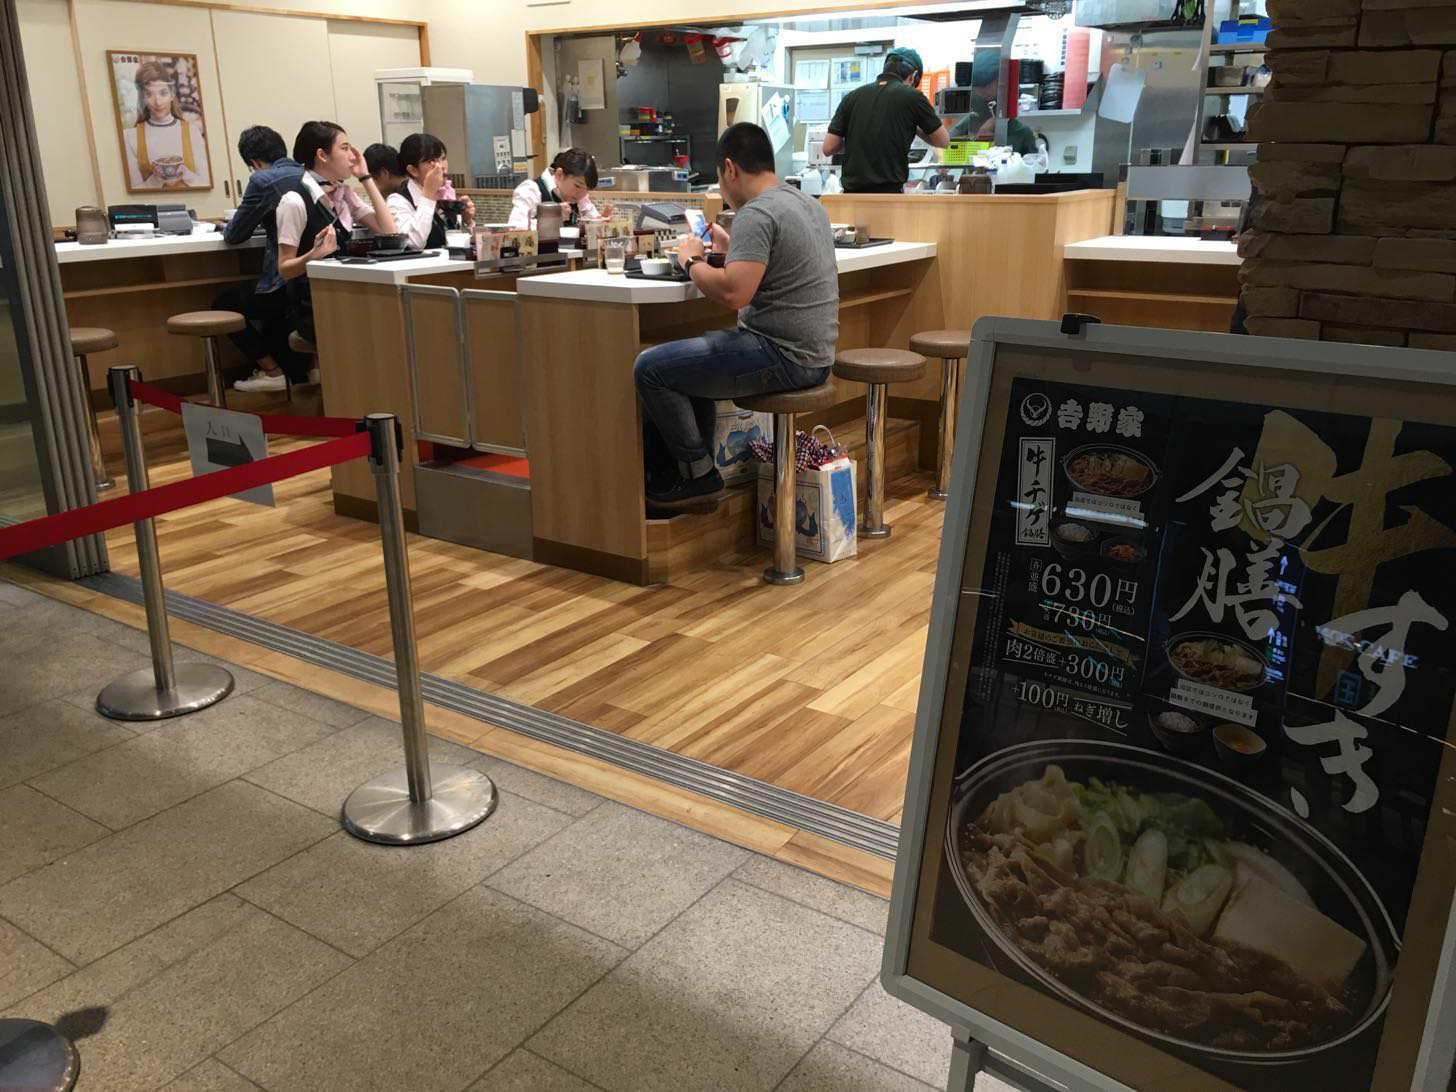 羽田空港の吉野家の店内の様子。